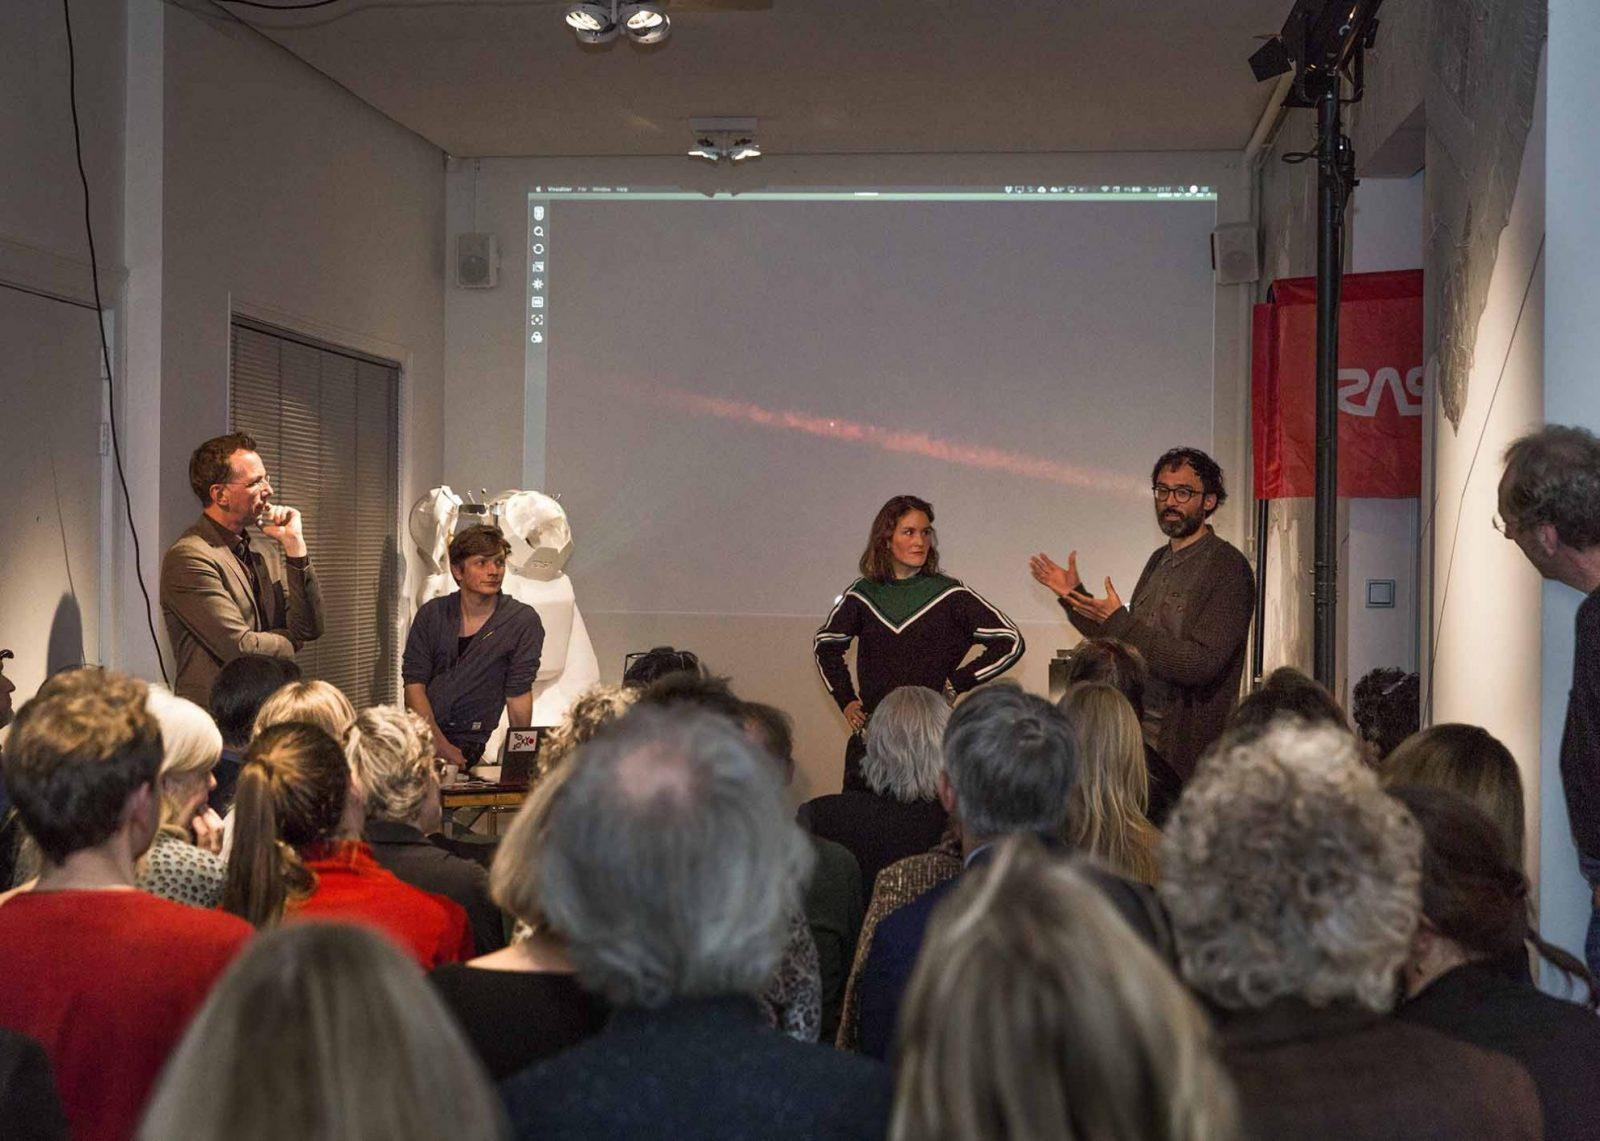 Mooi Noord Holland: Jan Wilslezing 2019. Met presentatie van RASA: Rotterdamse Academie voor Stadsastronauten. Introductie Jef Mühren, Lezing Evert Vermeer.